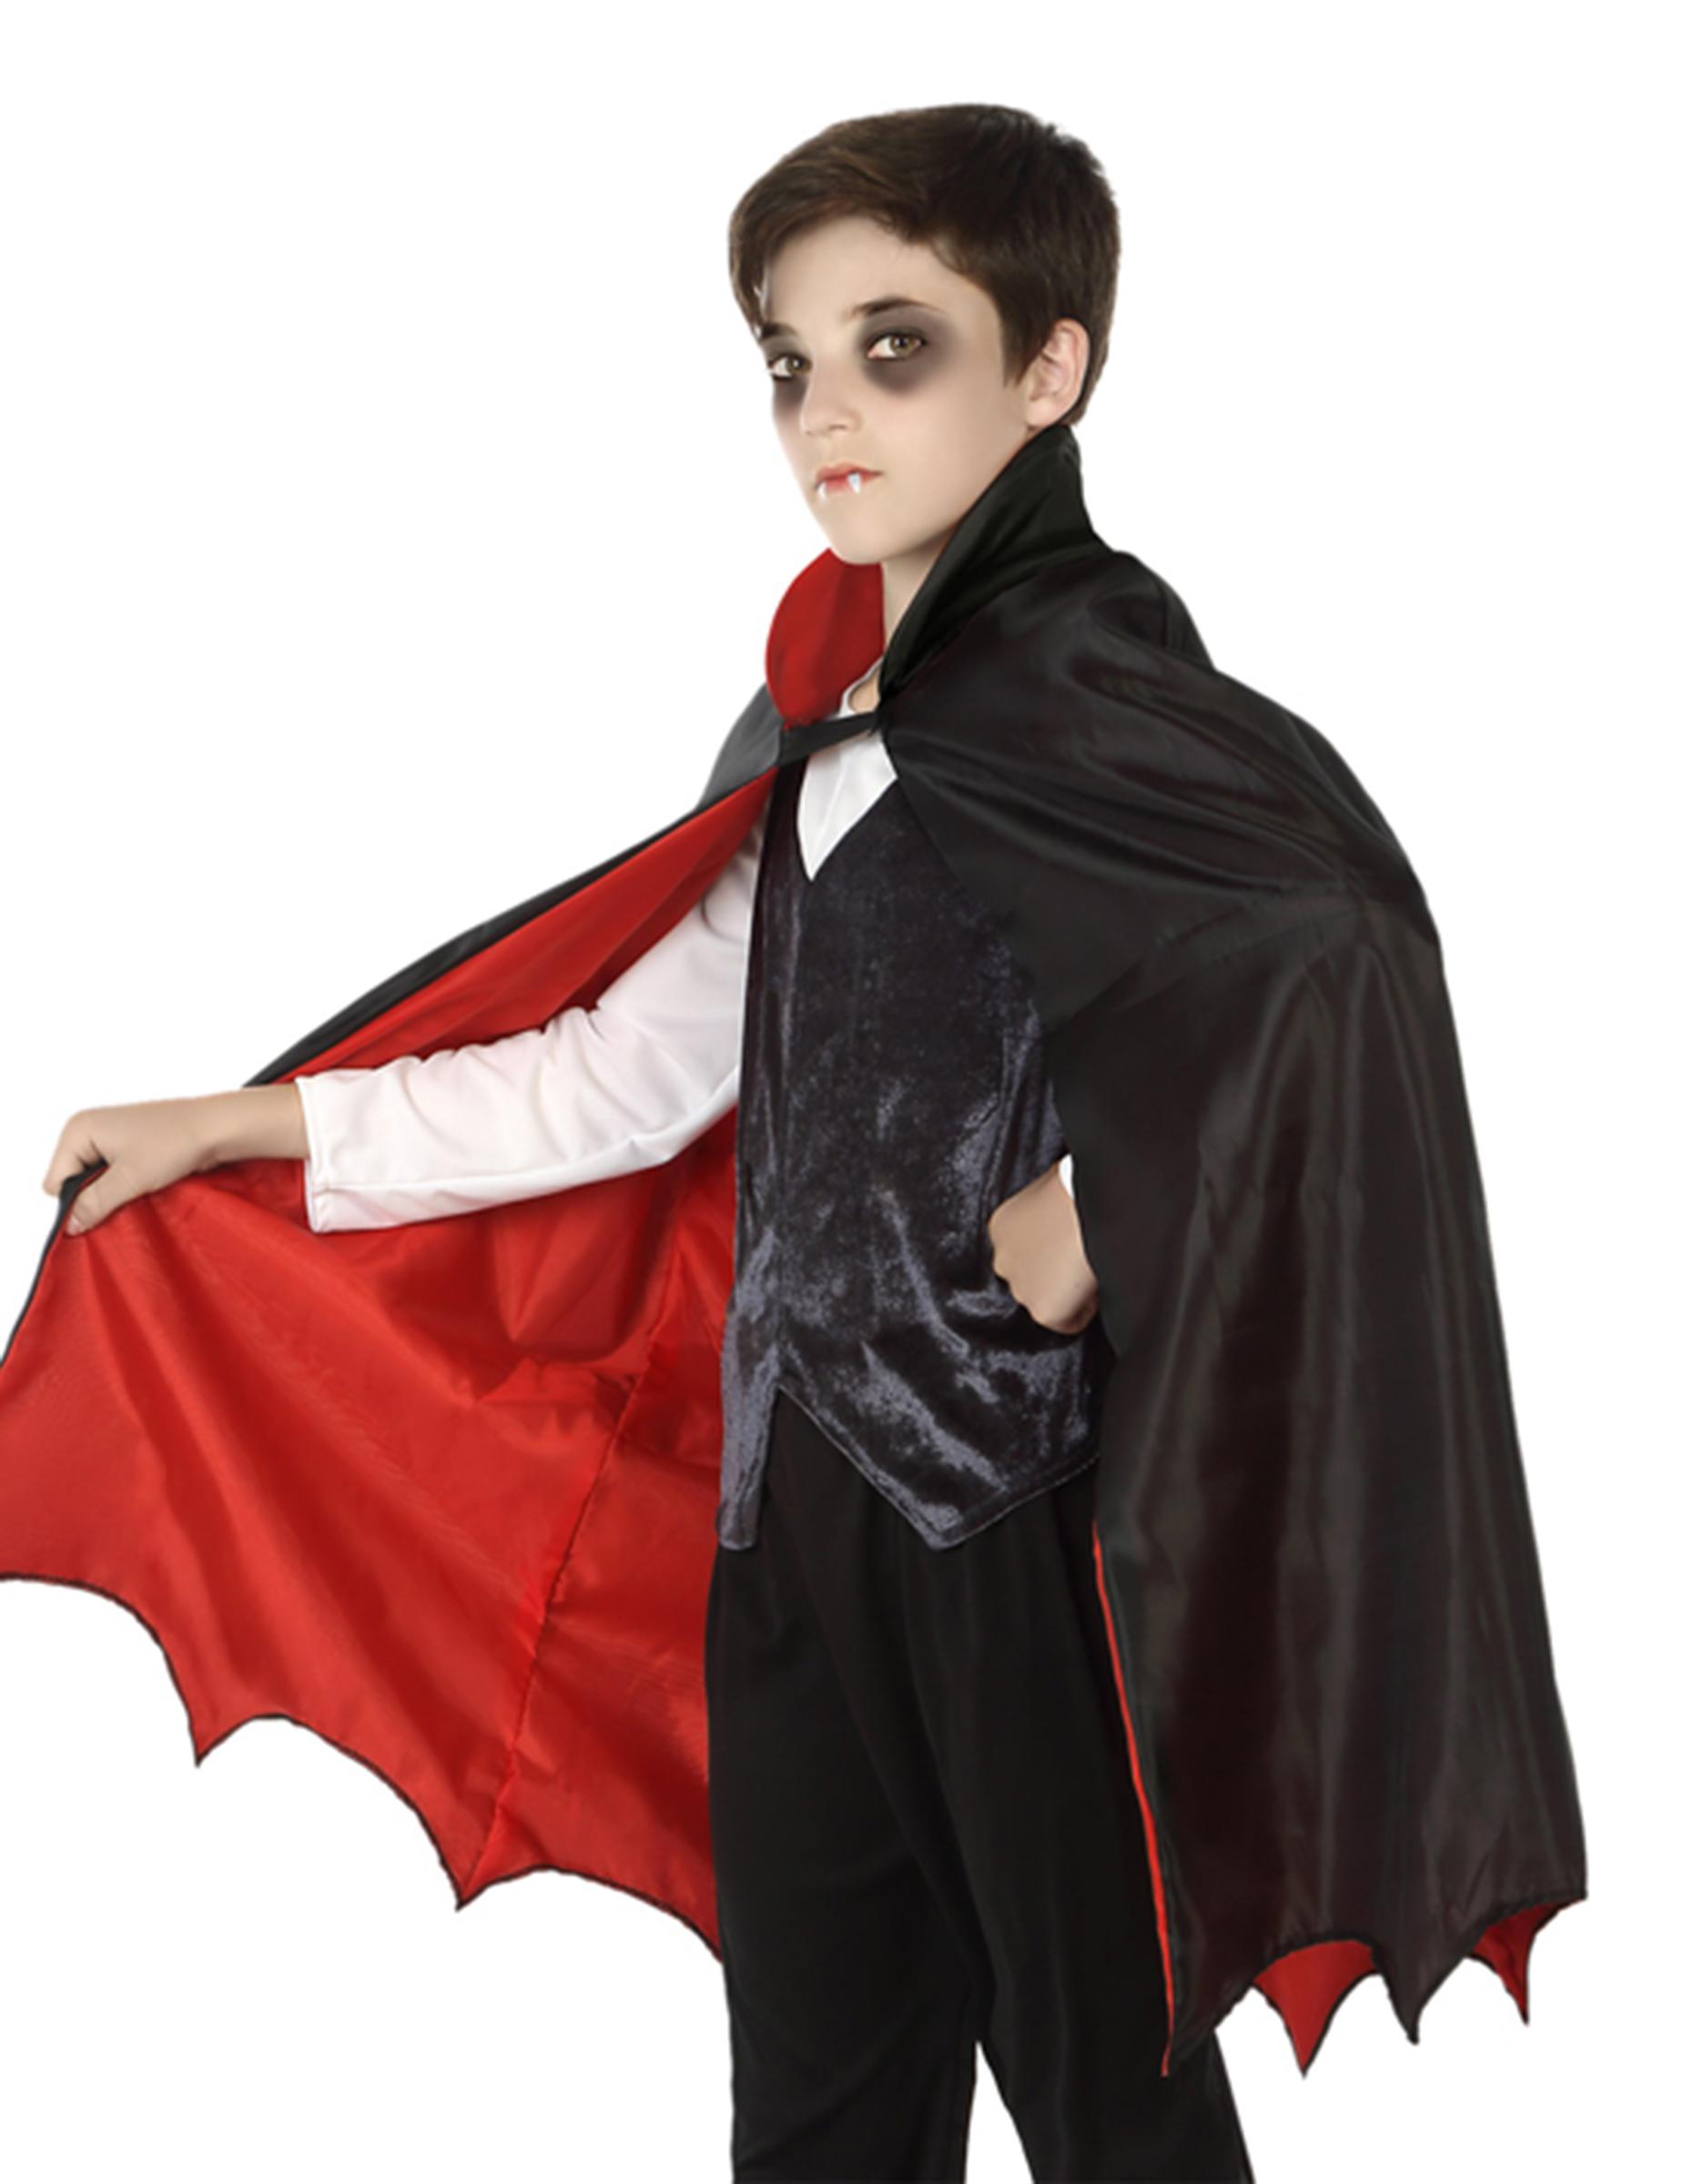 vampir umhang f r kinder accessoires und g nstige. Black Bedroom Furniture Sets. Home Design Ideas